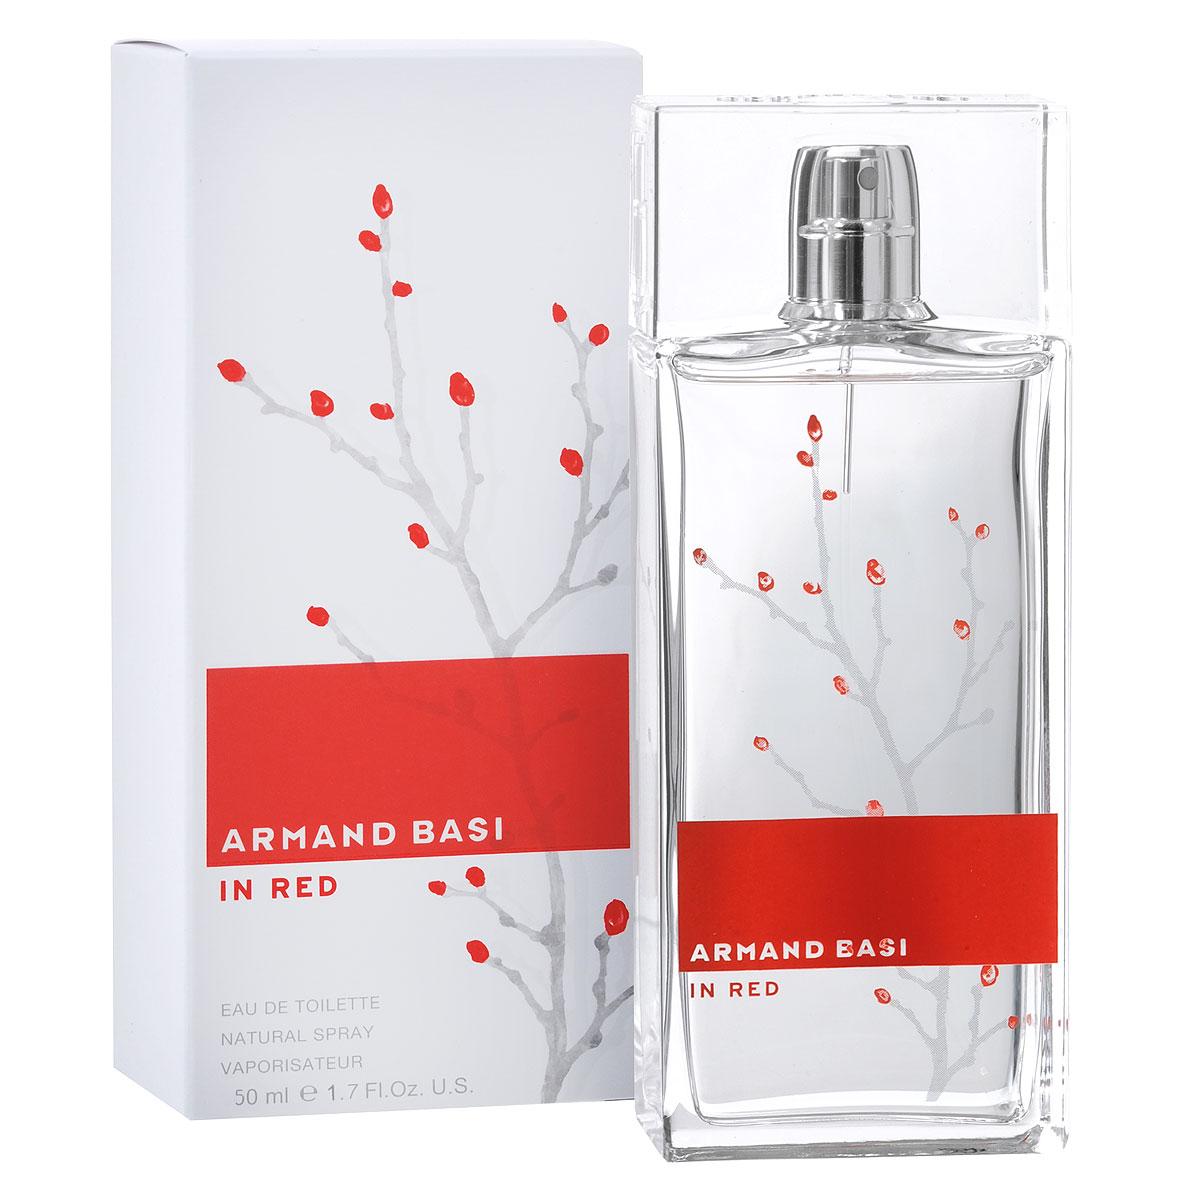 Armand Basi Туалетная вода In Red, женская, 50 мл17325До сих пор марка Armand Basi использовала только черный и белый цвет. Теперь используются и яркие оттенки. Средиземноморское солнце озаряет мир ярким светом - и в концепции Armand Basi In Red появляется красный цвет. Аромат Armand Basi In Red адресован женщине нашего времени: уверенной, подтверждающей свое право на индивидуальность, способной выразить свои чувства и эмоции - женщине нежной, но в то же время сильной и полной страсти. Открывают аромат ноты свежести цитрусовых, мандарина и бергамота в сочетании с пряными нотами имбиря и кардамона. Они являются прелюдией к цветочному сердцу аромата - комбинации оттенков розы, ландыша, жасмина и листьев фиалки. Благородный характер аромата гармонирует с чувственностью и богатством базовых древесных нот и белого мускуса. Классификация аромата: цветочный. Пирамида аромата: Верхние ноты: мандарин, имбирь, бергамот, кардамон. Ноты сердца: жасмин, листья фиалки, роза, ландыш. Ноты шлейфа: дубовый мох, древесные ноты, мускус. Ключевые слова Страстный, чувственный, благородный!Туалетная вода - один из самых популярных видов парфюмерной продукции. Туалетная вода содержит 4-10%парфюмерного экстракта. Главные достоинства данного типа продукции заключаются в доступной цене, разнообразии форматов (как правило, 30, 50, 75, 100 мл), удобстве использования (чаще всего - спрей). Идеальна для дневного использования.Товар сертифицирован.